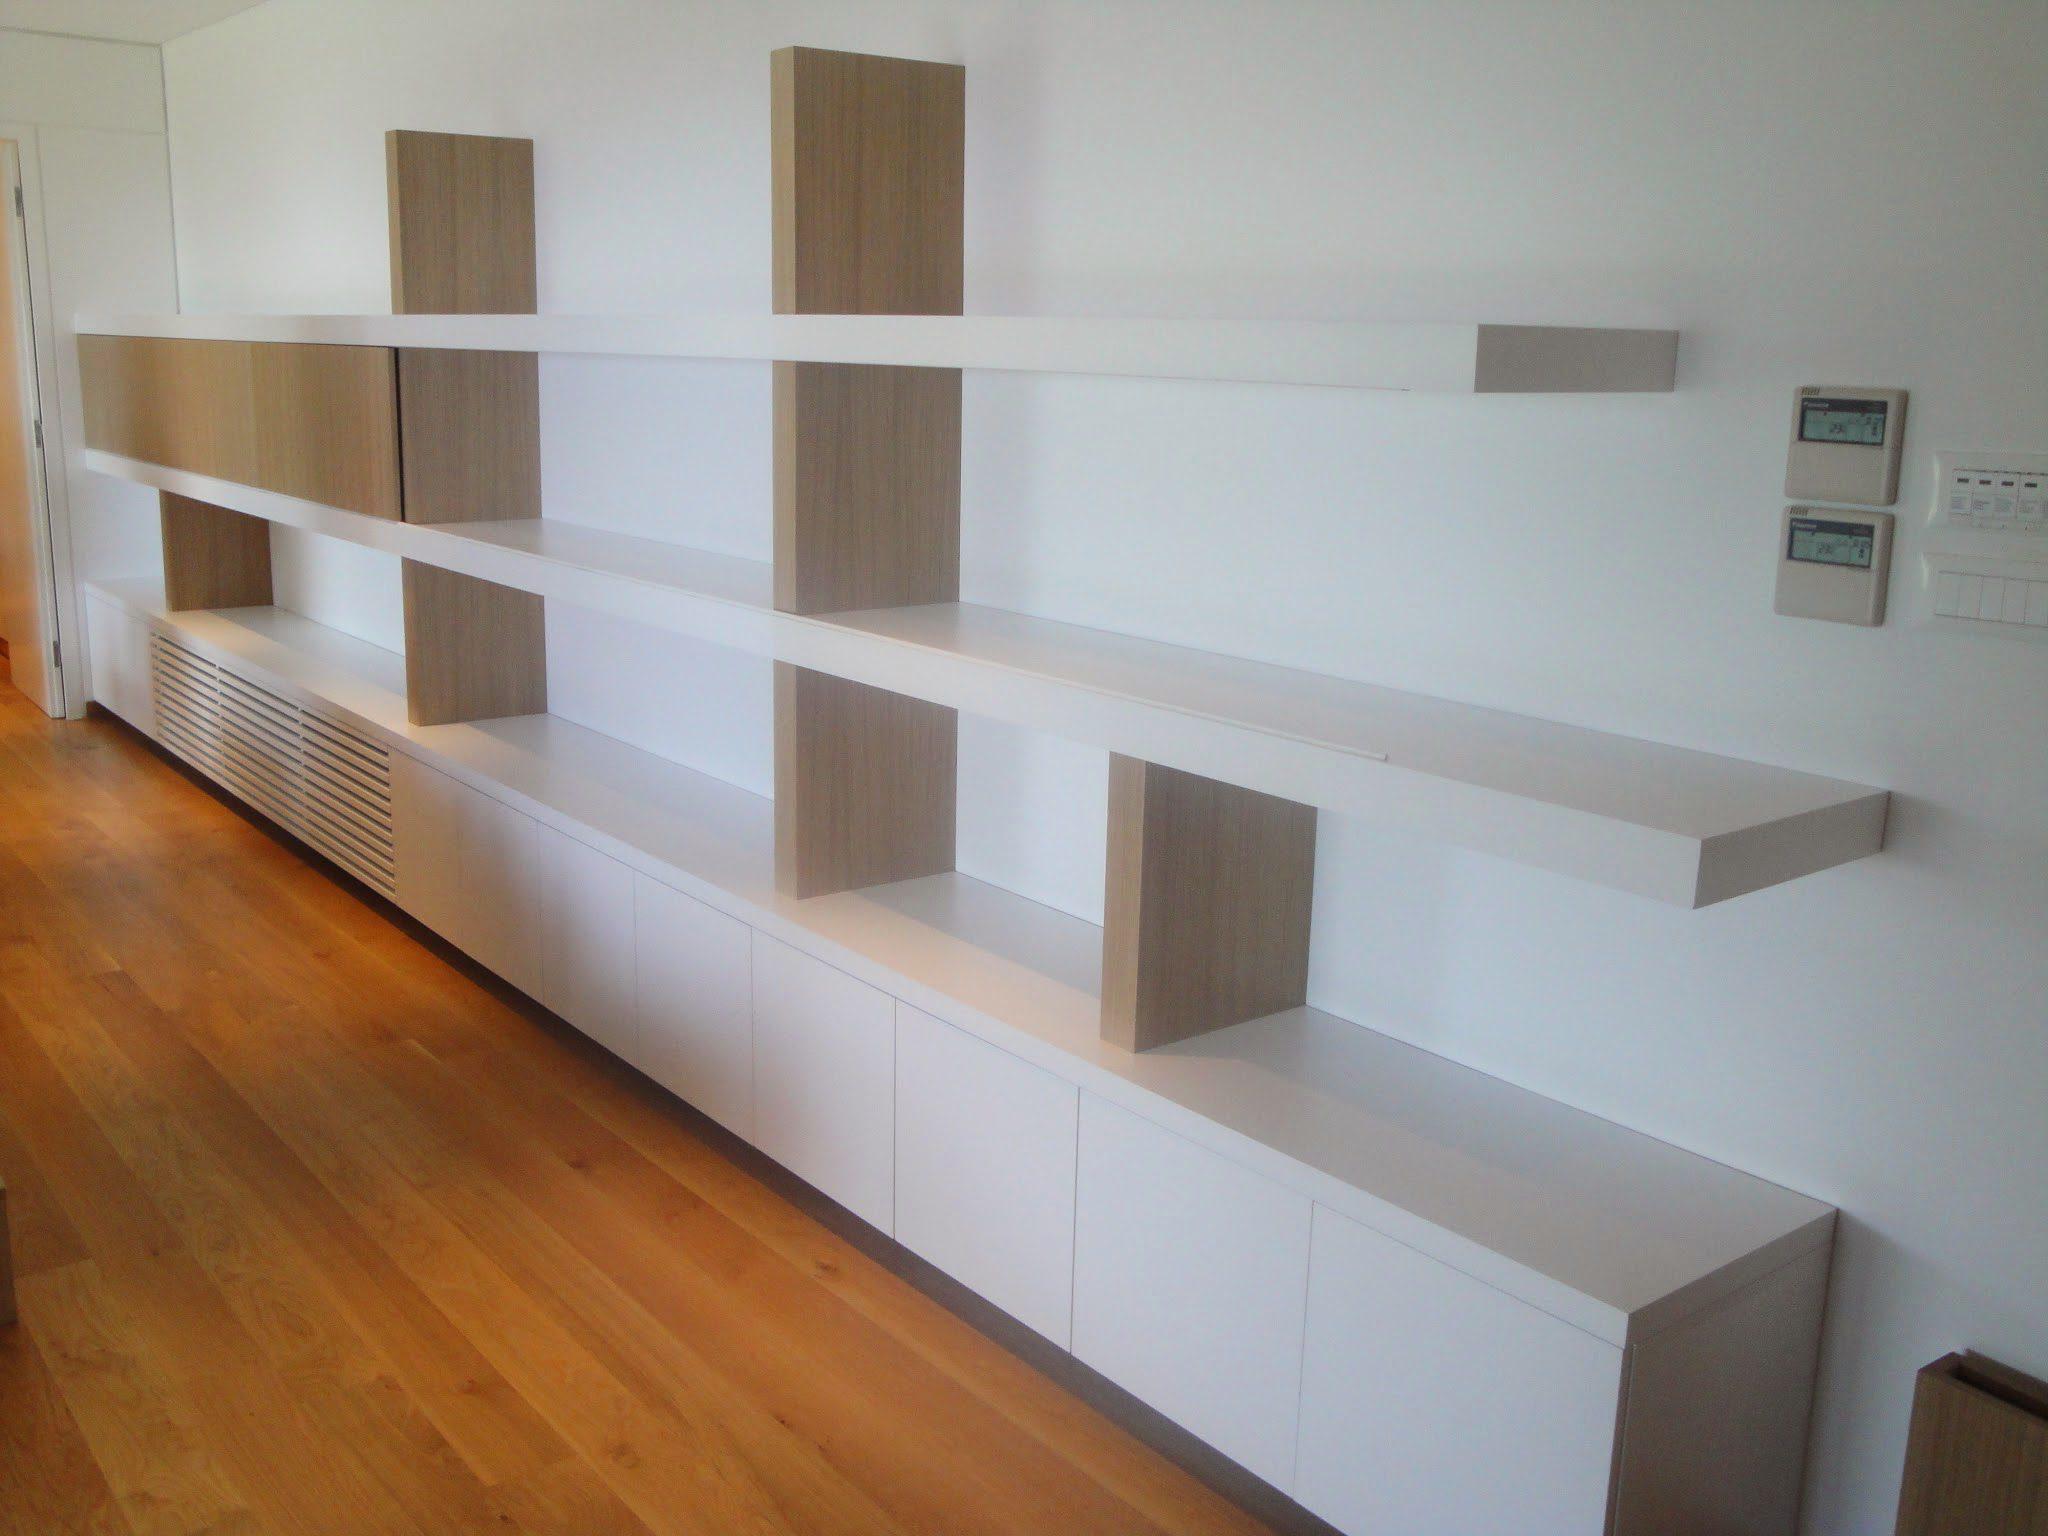 Έπιπλο μήκους 6.7 μέτρων με πολλούς χώρους και συρόμενες πόρτες για συλλέκτη δίσκων βινυλίου.